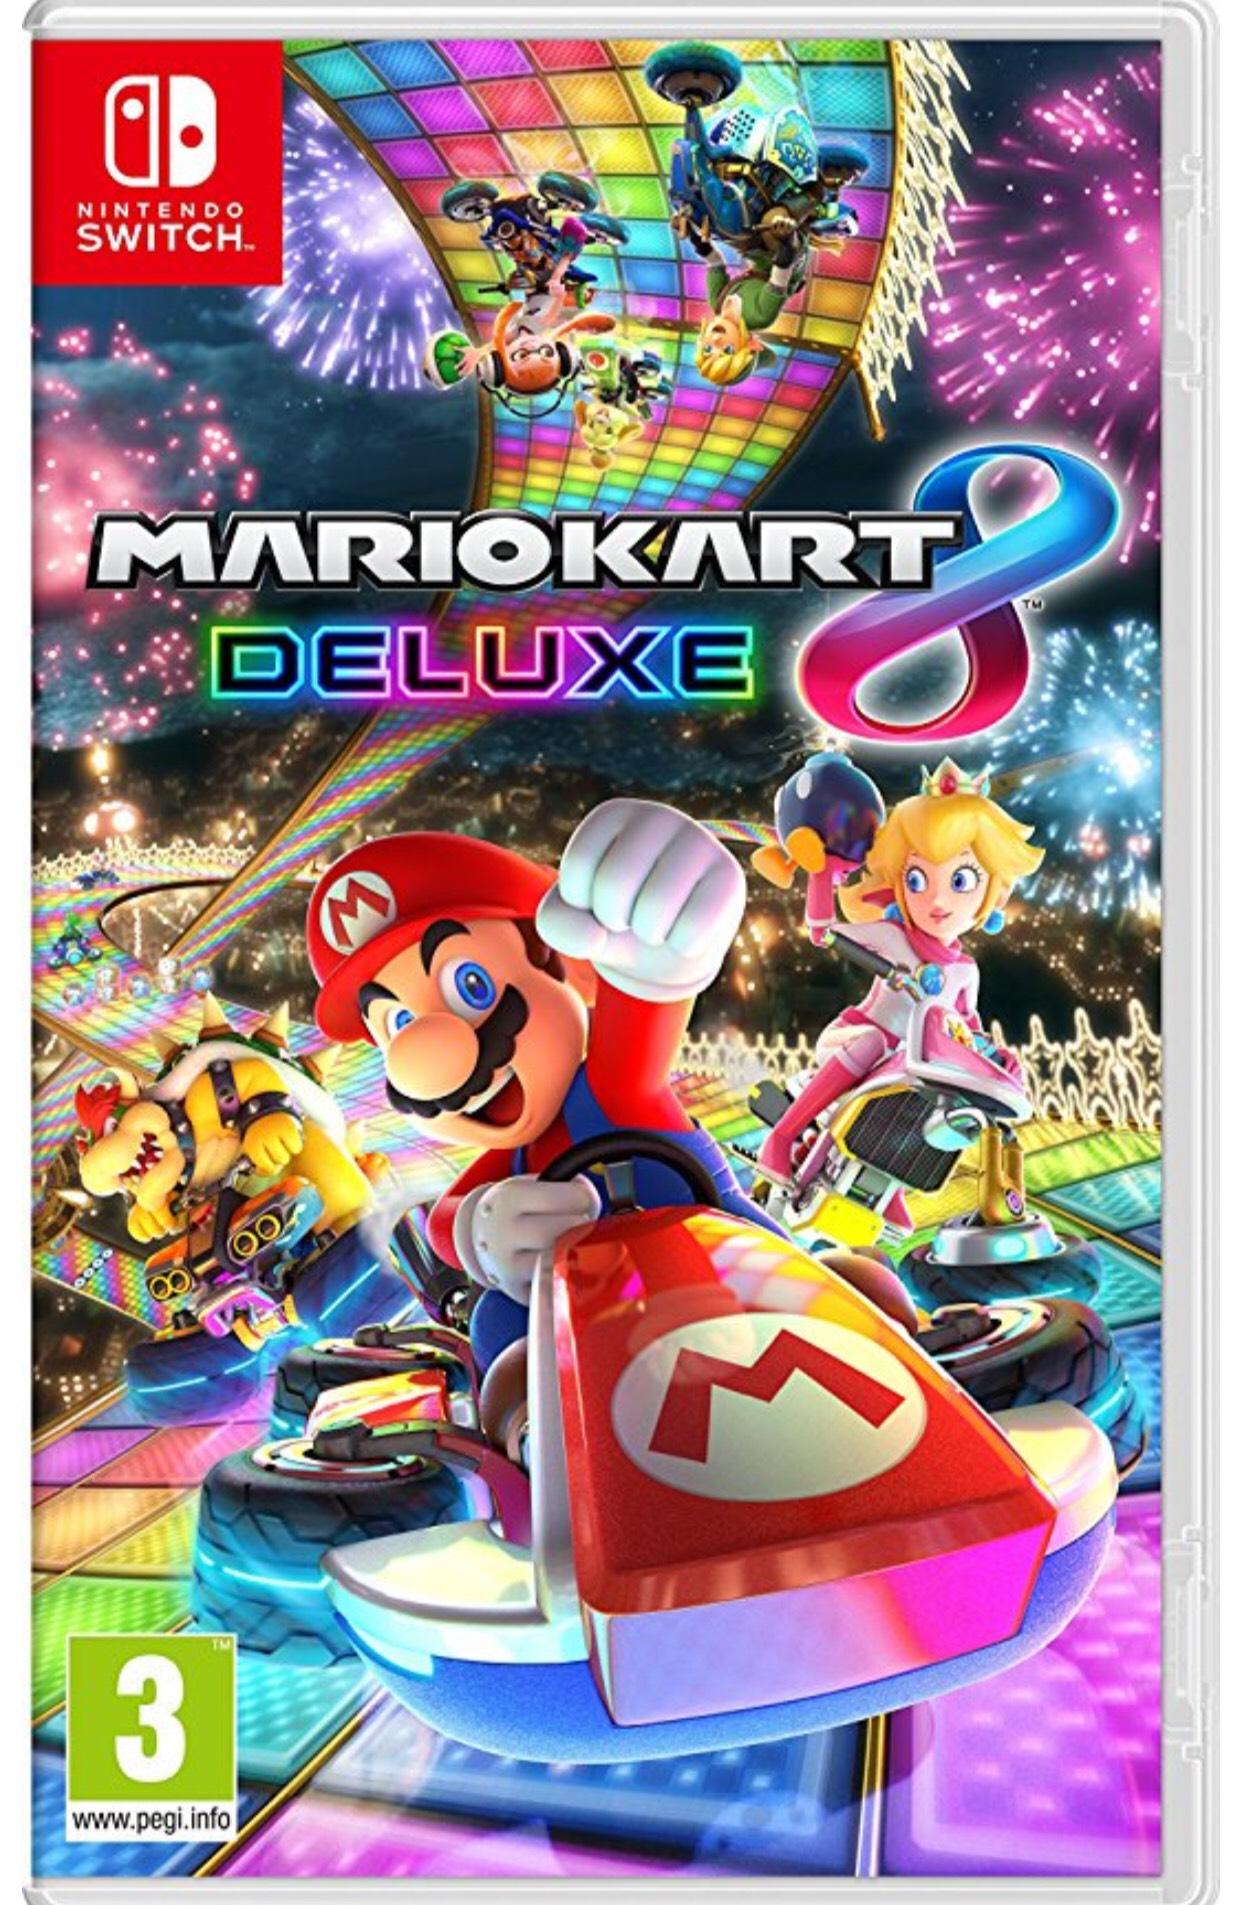 Mario Kart 8 Deluxe [Nintendo Switch] - £31.99 at cjs-cdkeys.com - Digital Download